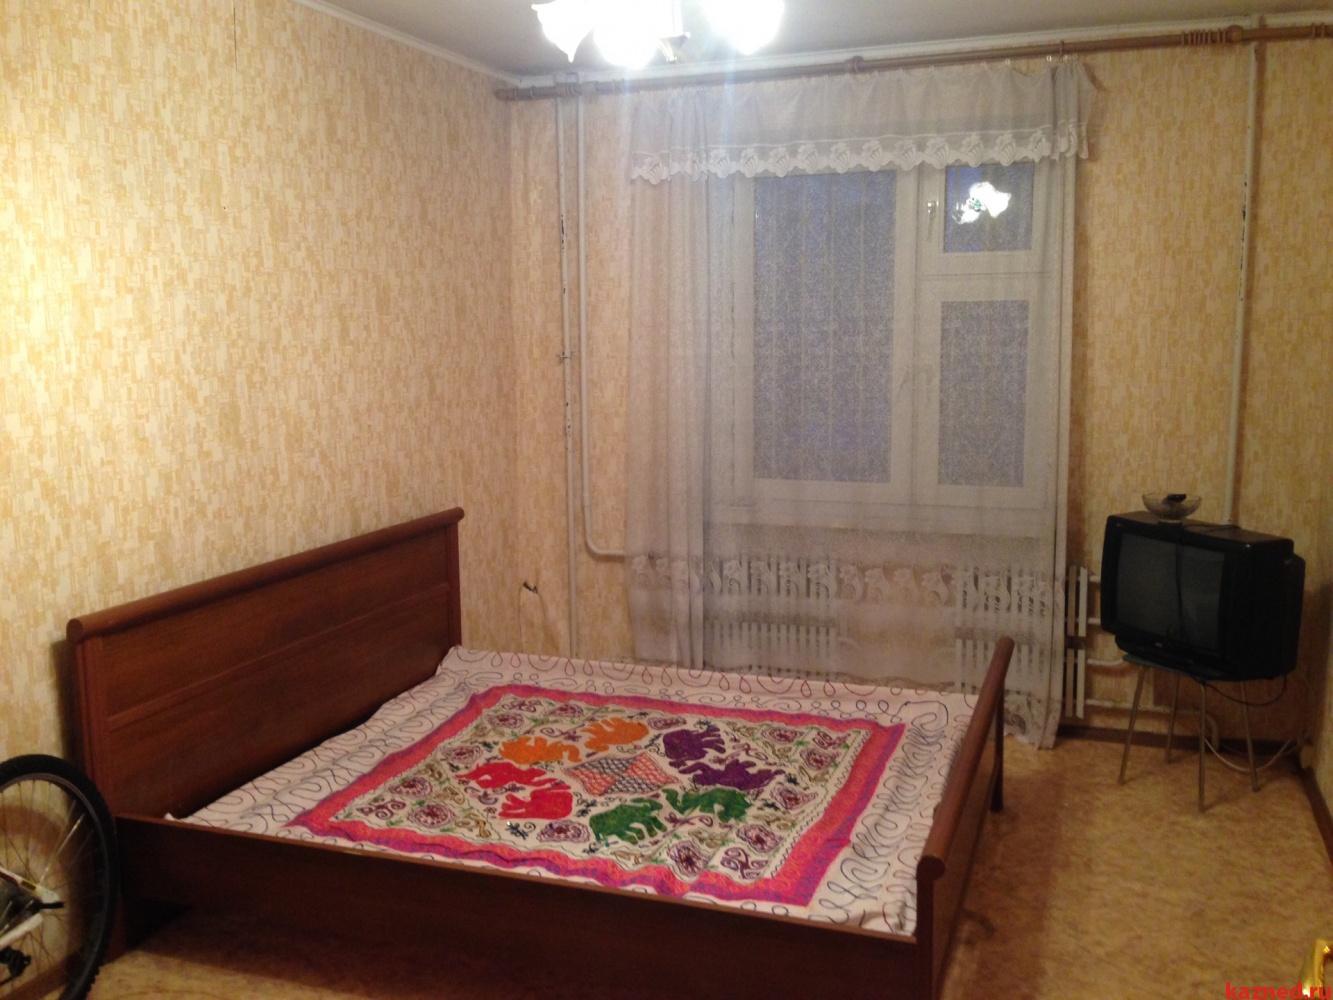 Продажа 4-к квартиры Четаева, 43, 90 м²  (миниатюра №2)